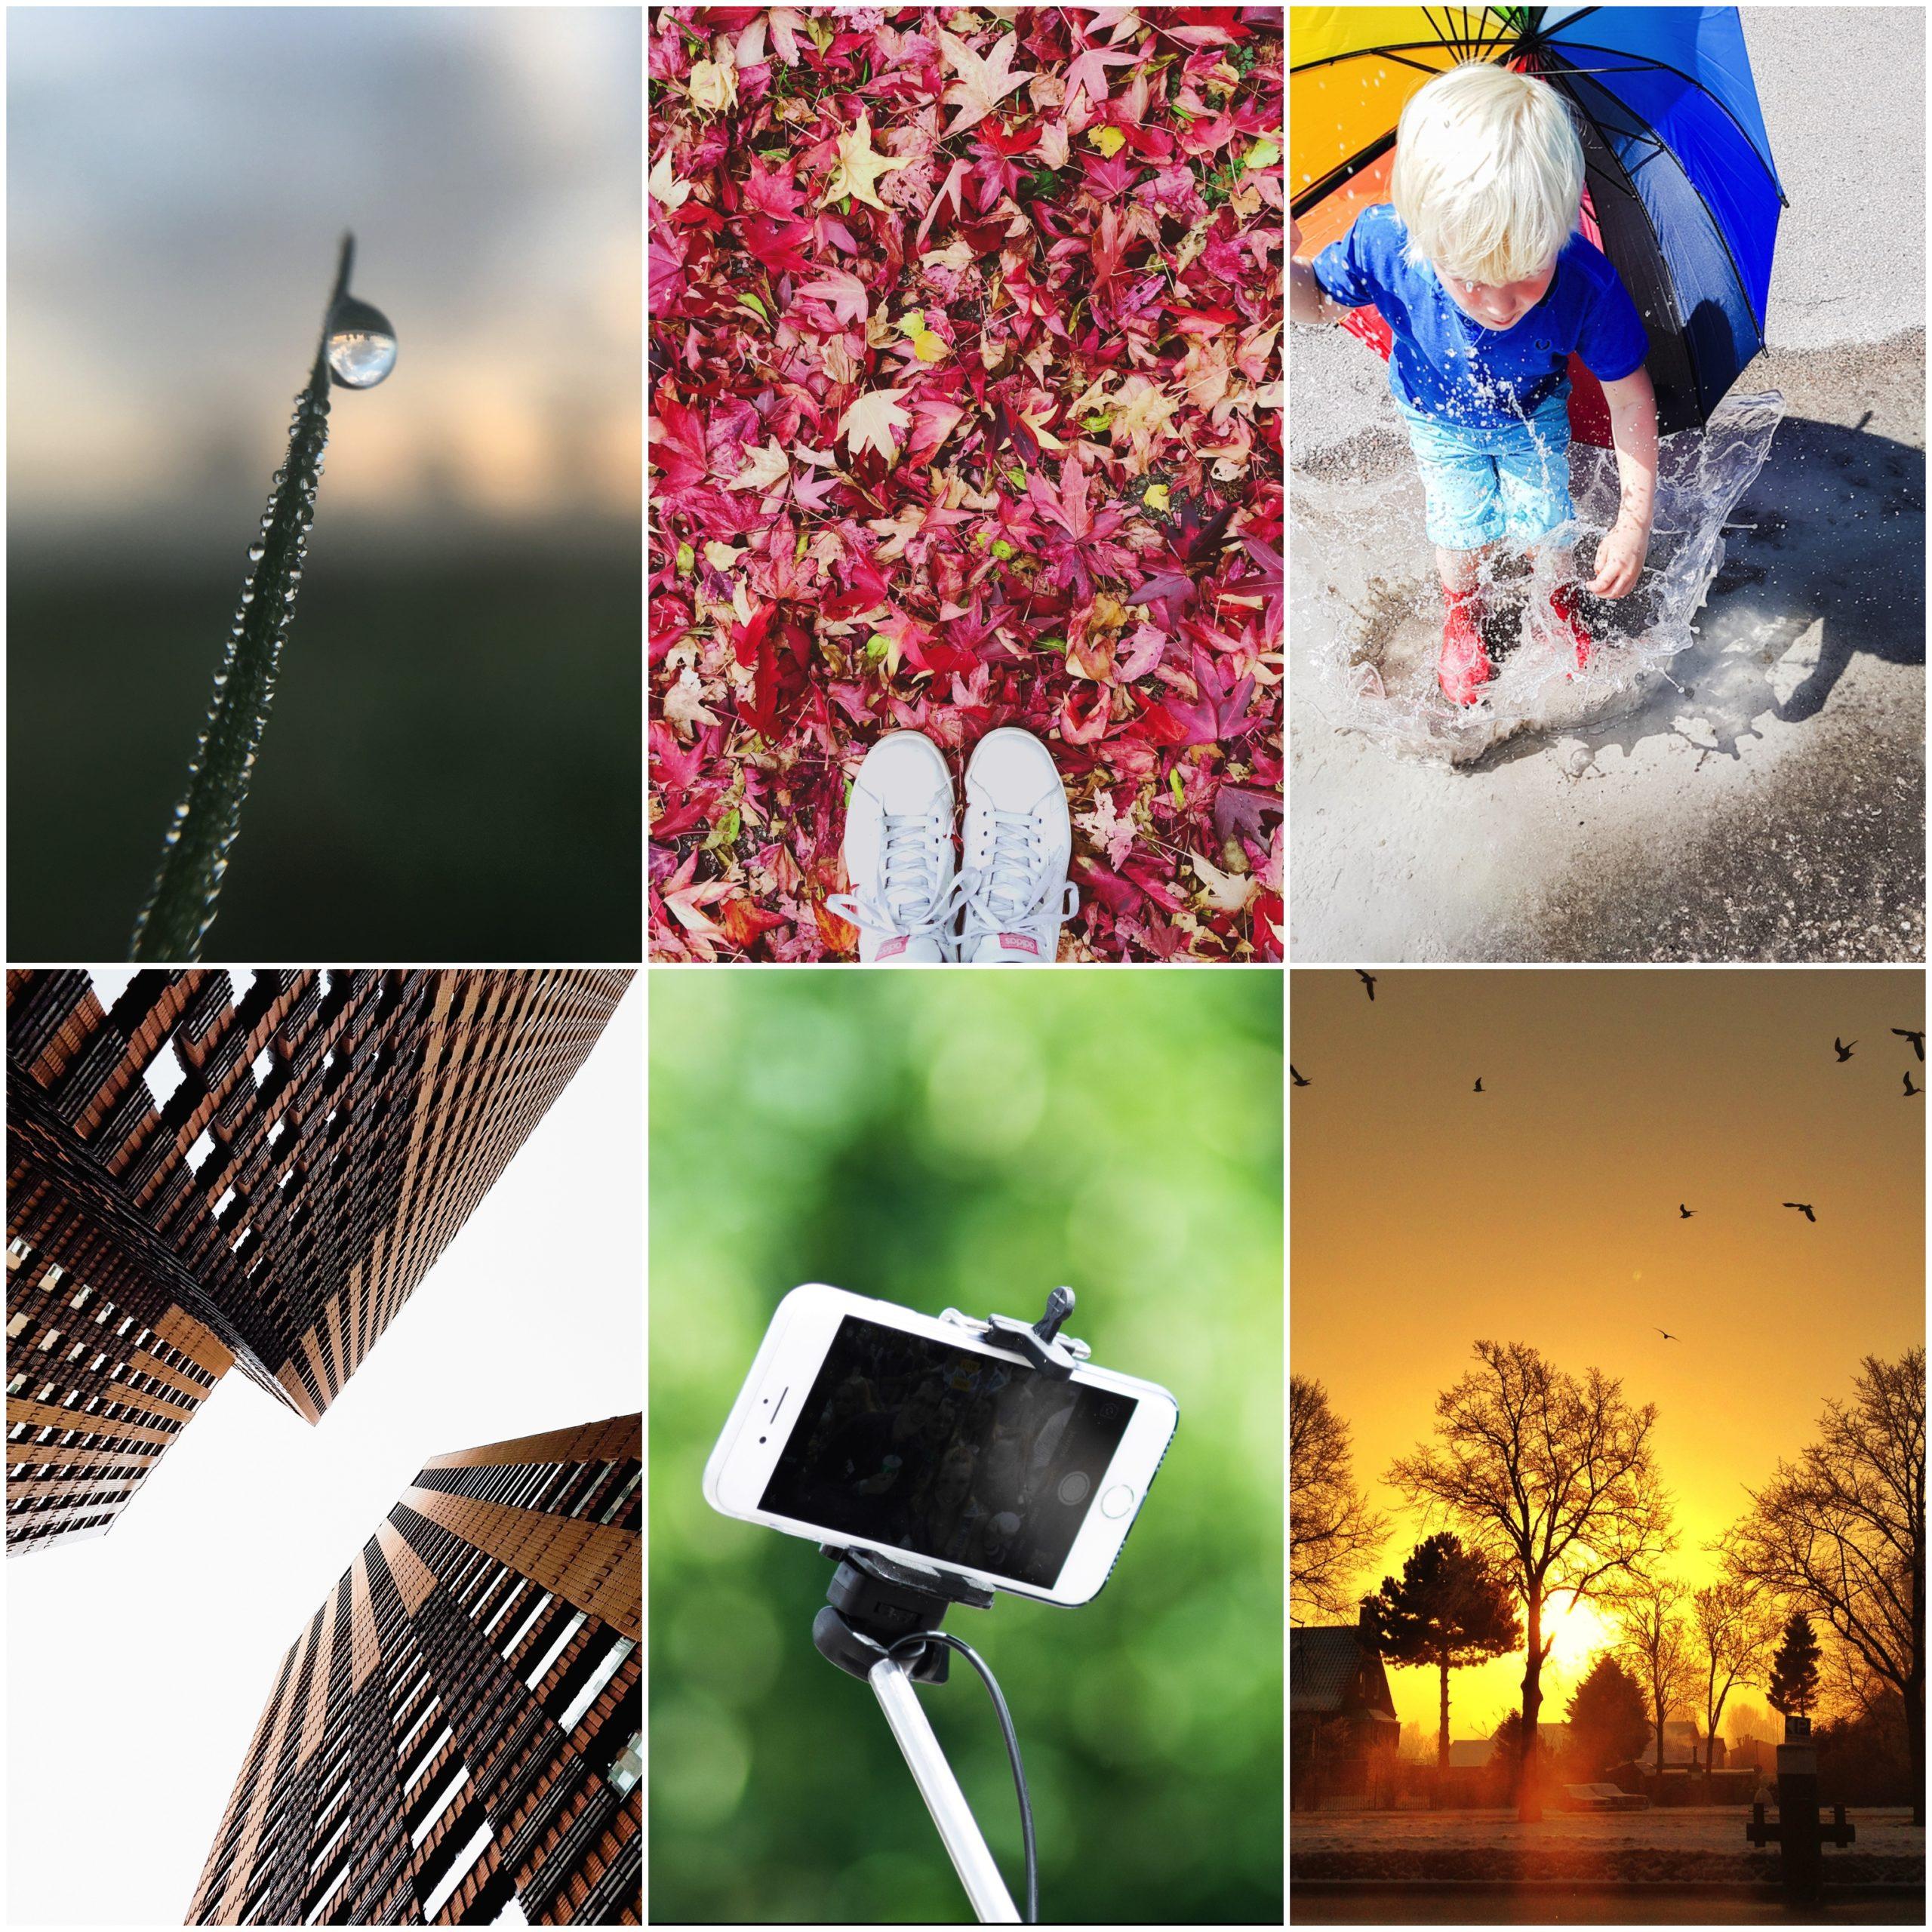 fotocursus smartphone